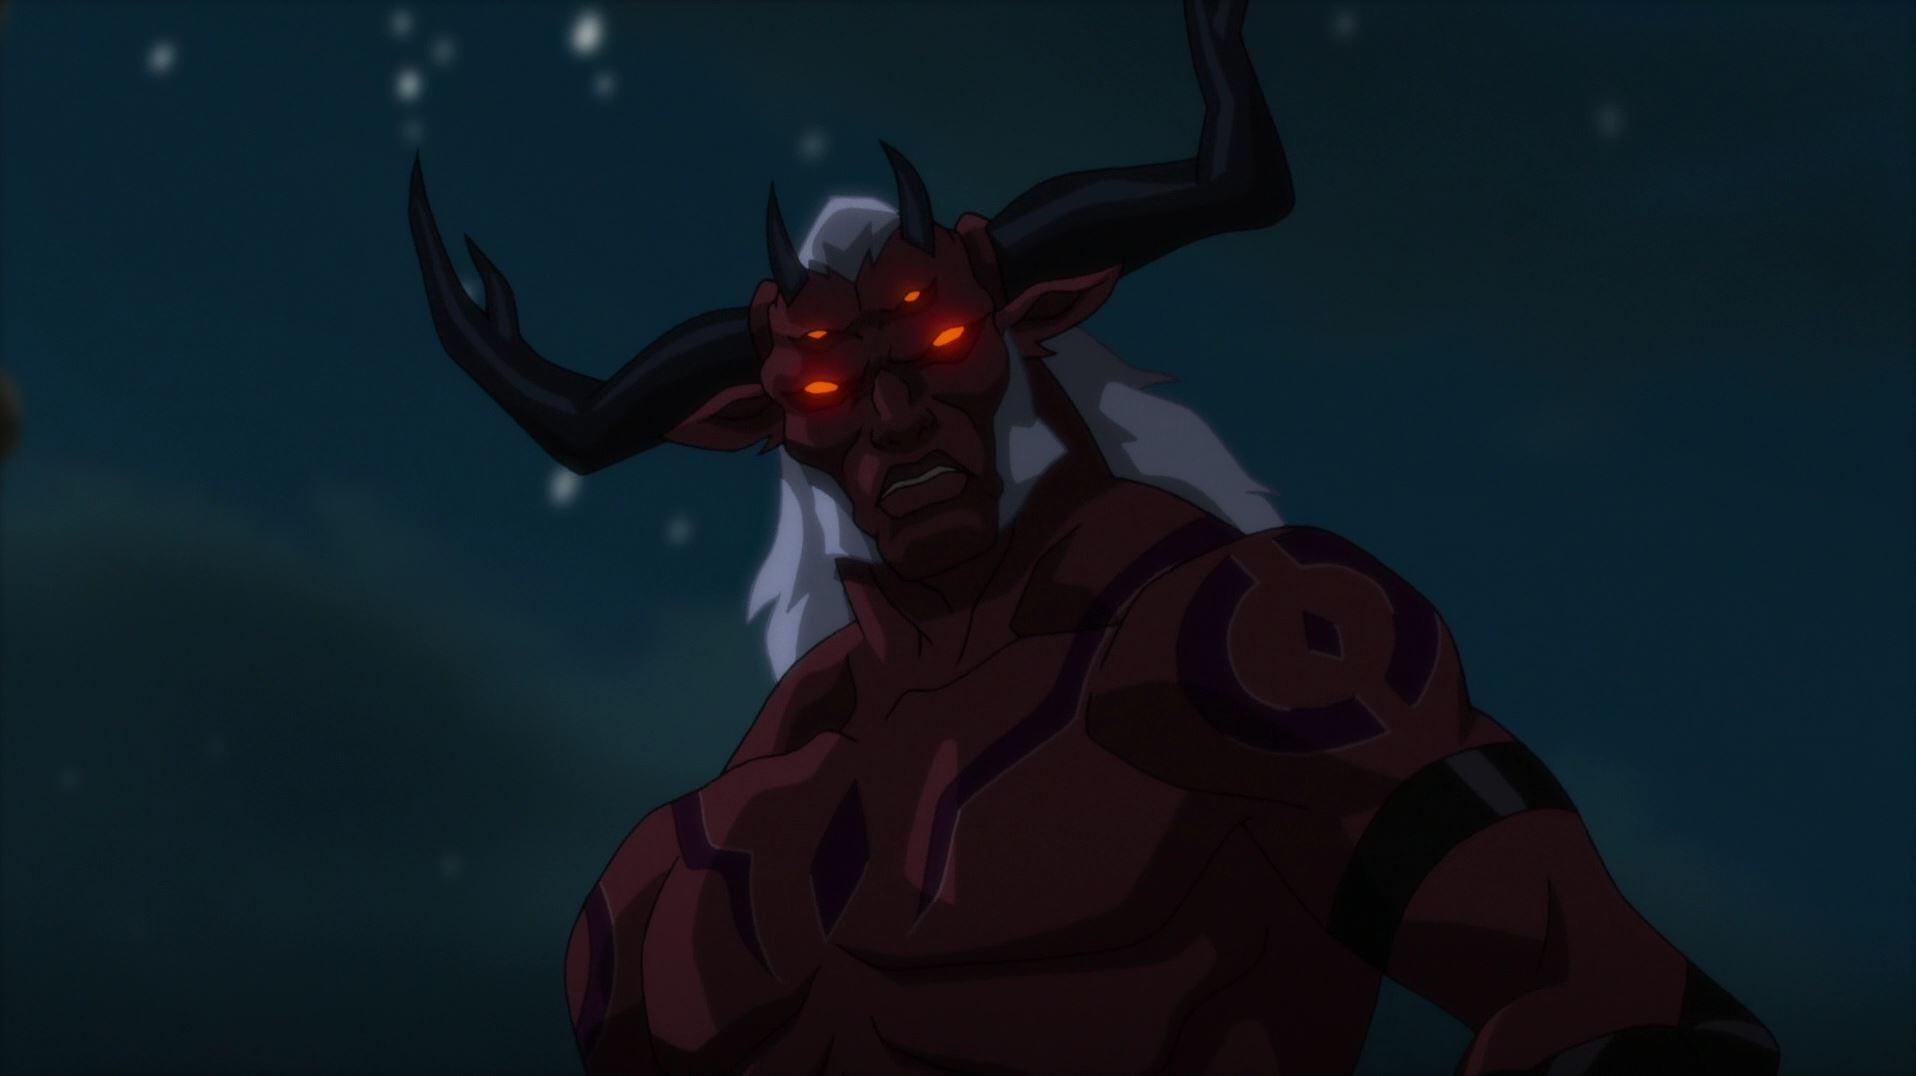 Trigon (DC Animated Movie Universe)